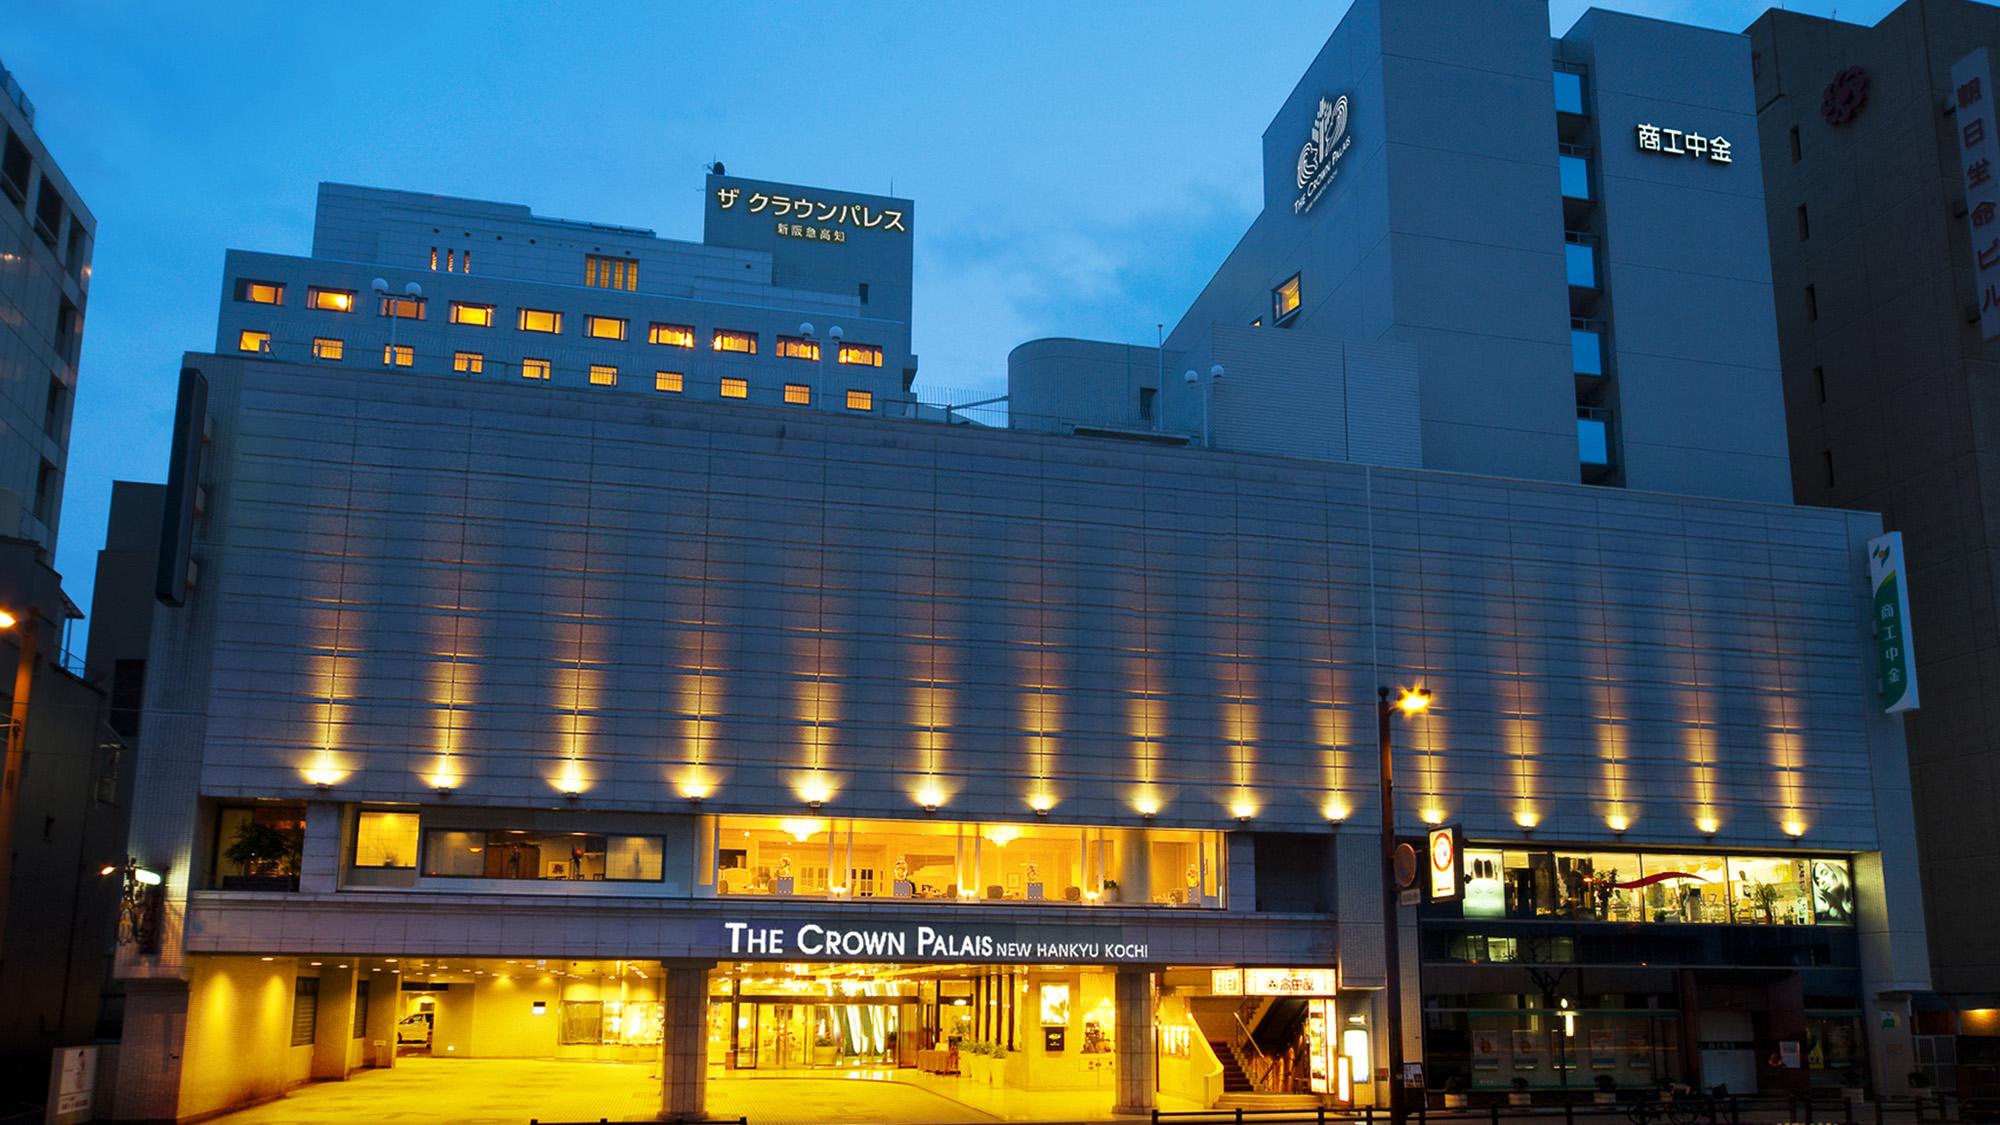 ザ クラウンパレス新阪急高知(旧高知新阪急ホテル) image